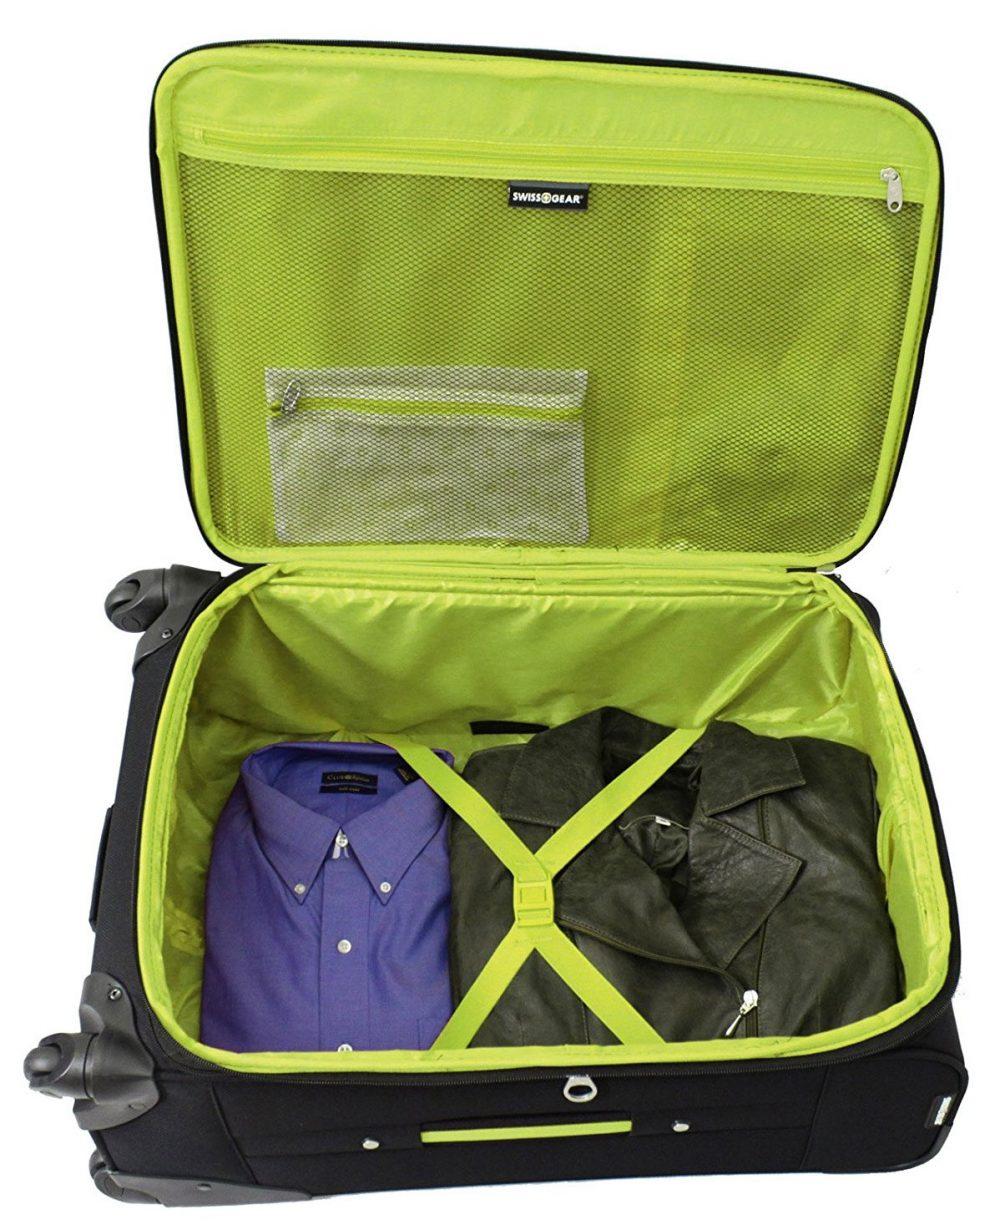 シンプルで使いやすいSwiss GearのARBON軽量スピナースーツケース ロスドレスフォーレス